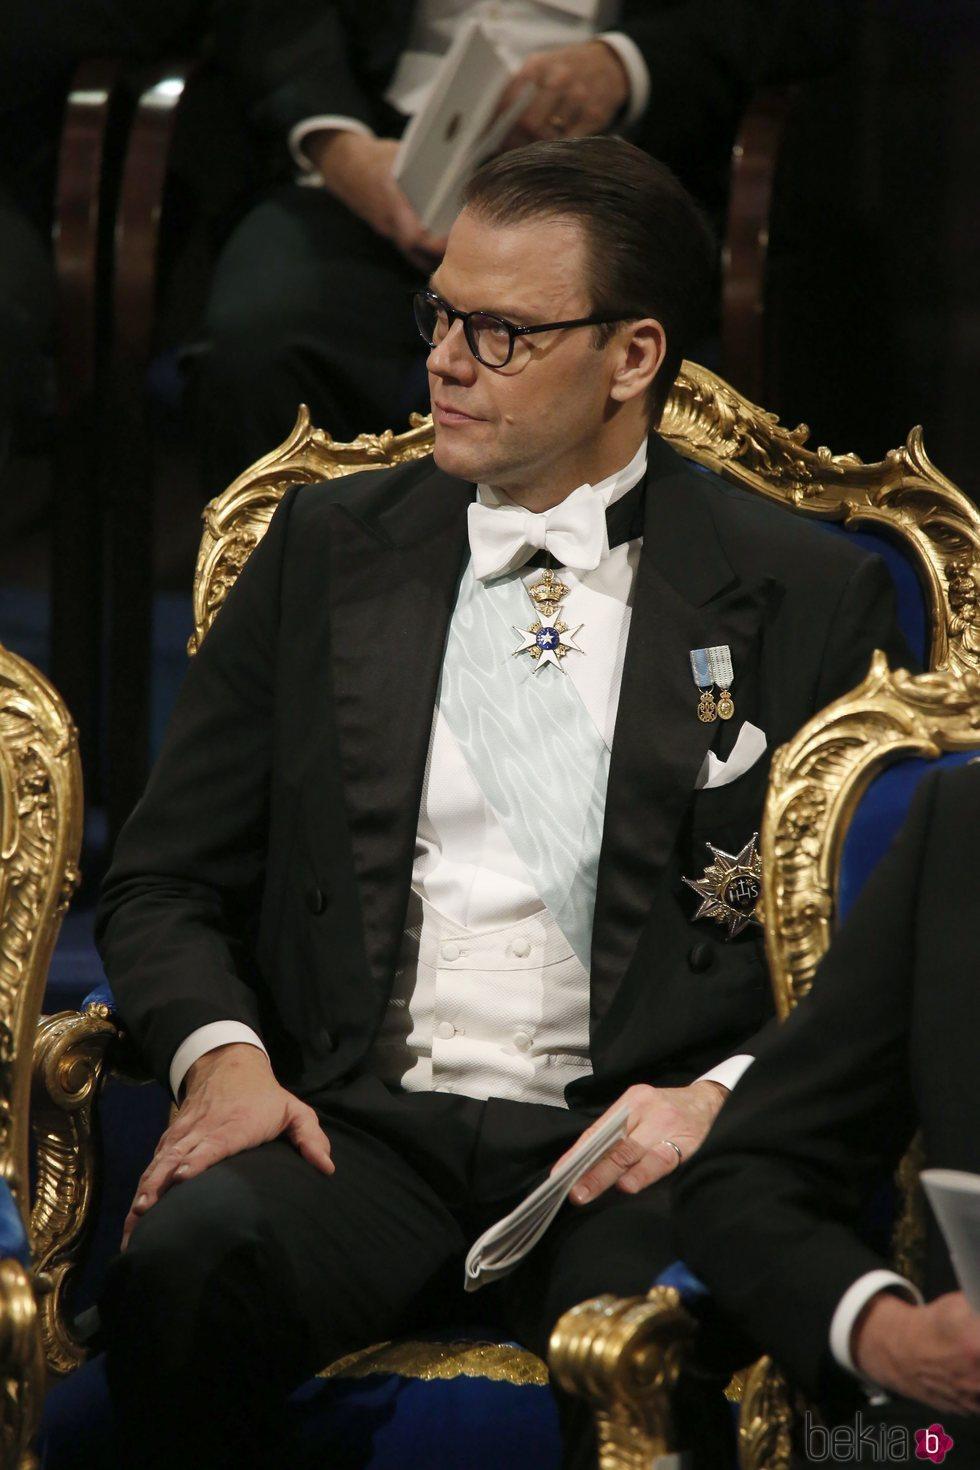 El Príncipe Daniel de Suecia durante la gala de entrega de los Premios Nobel 2018